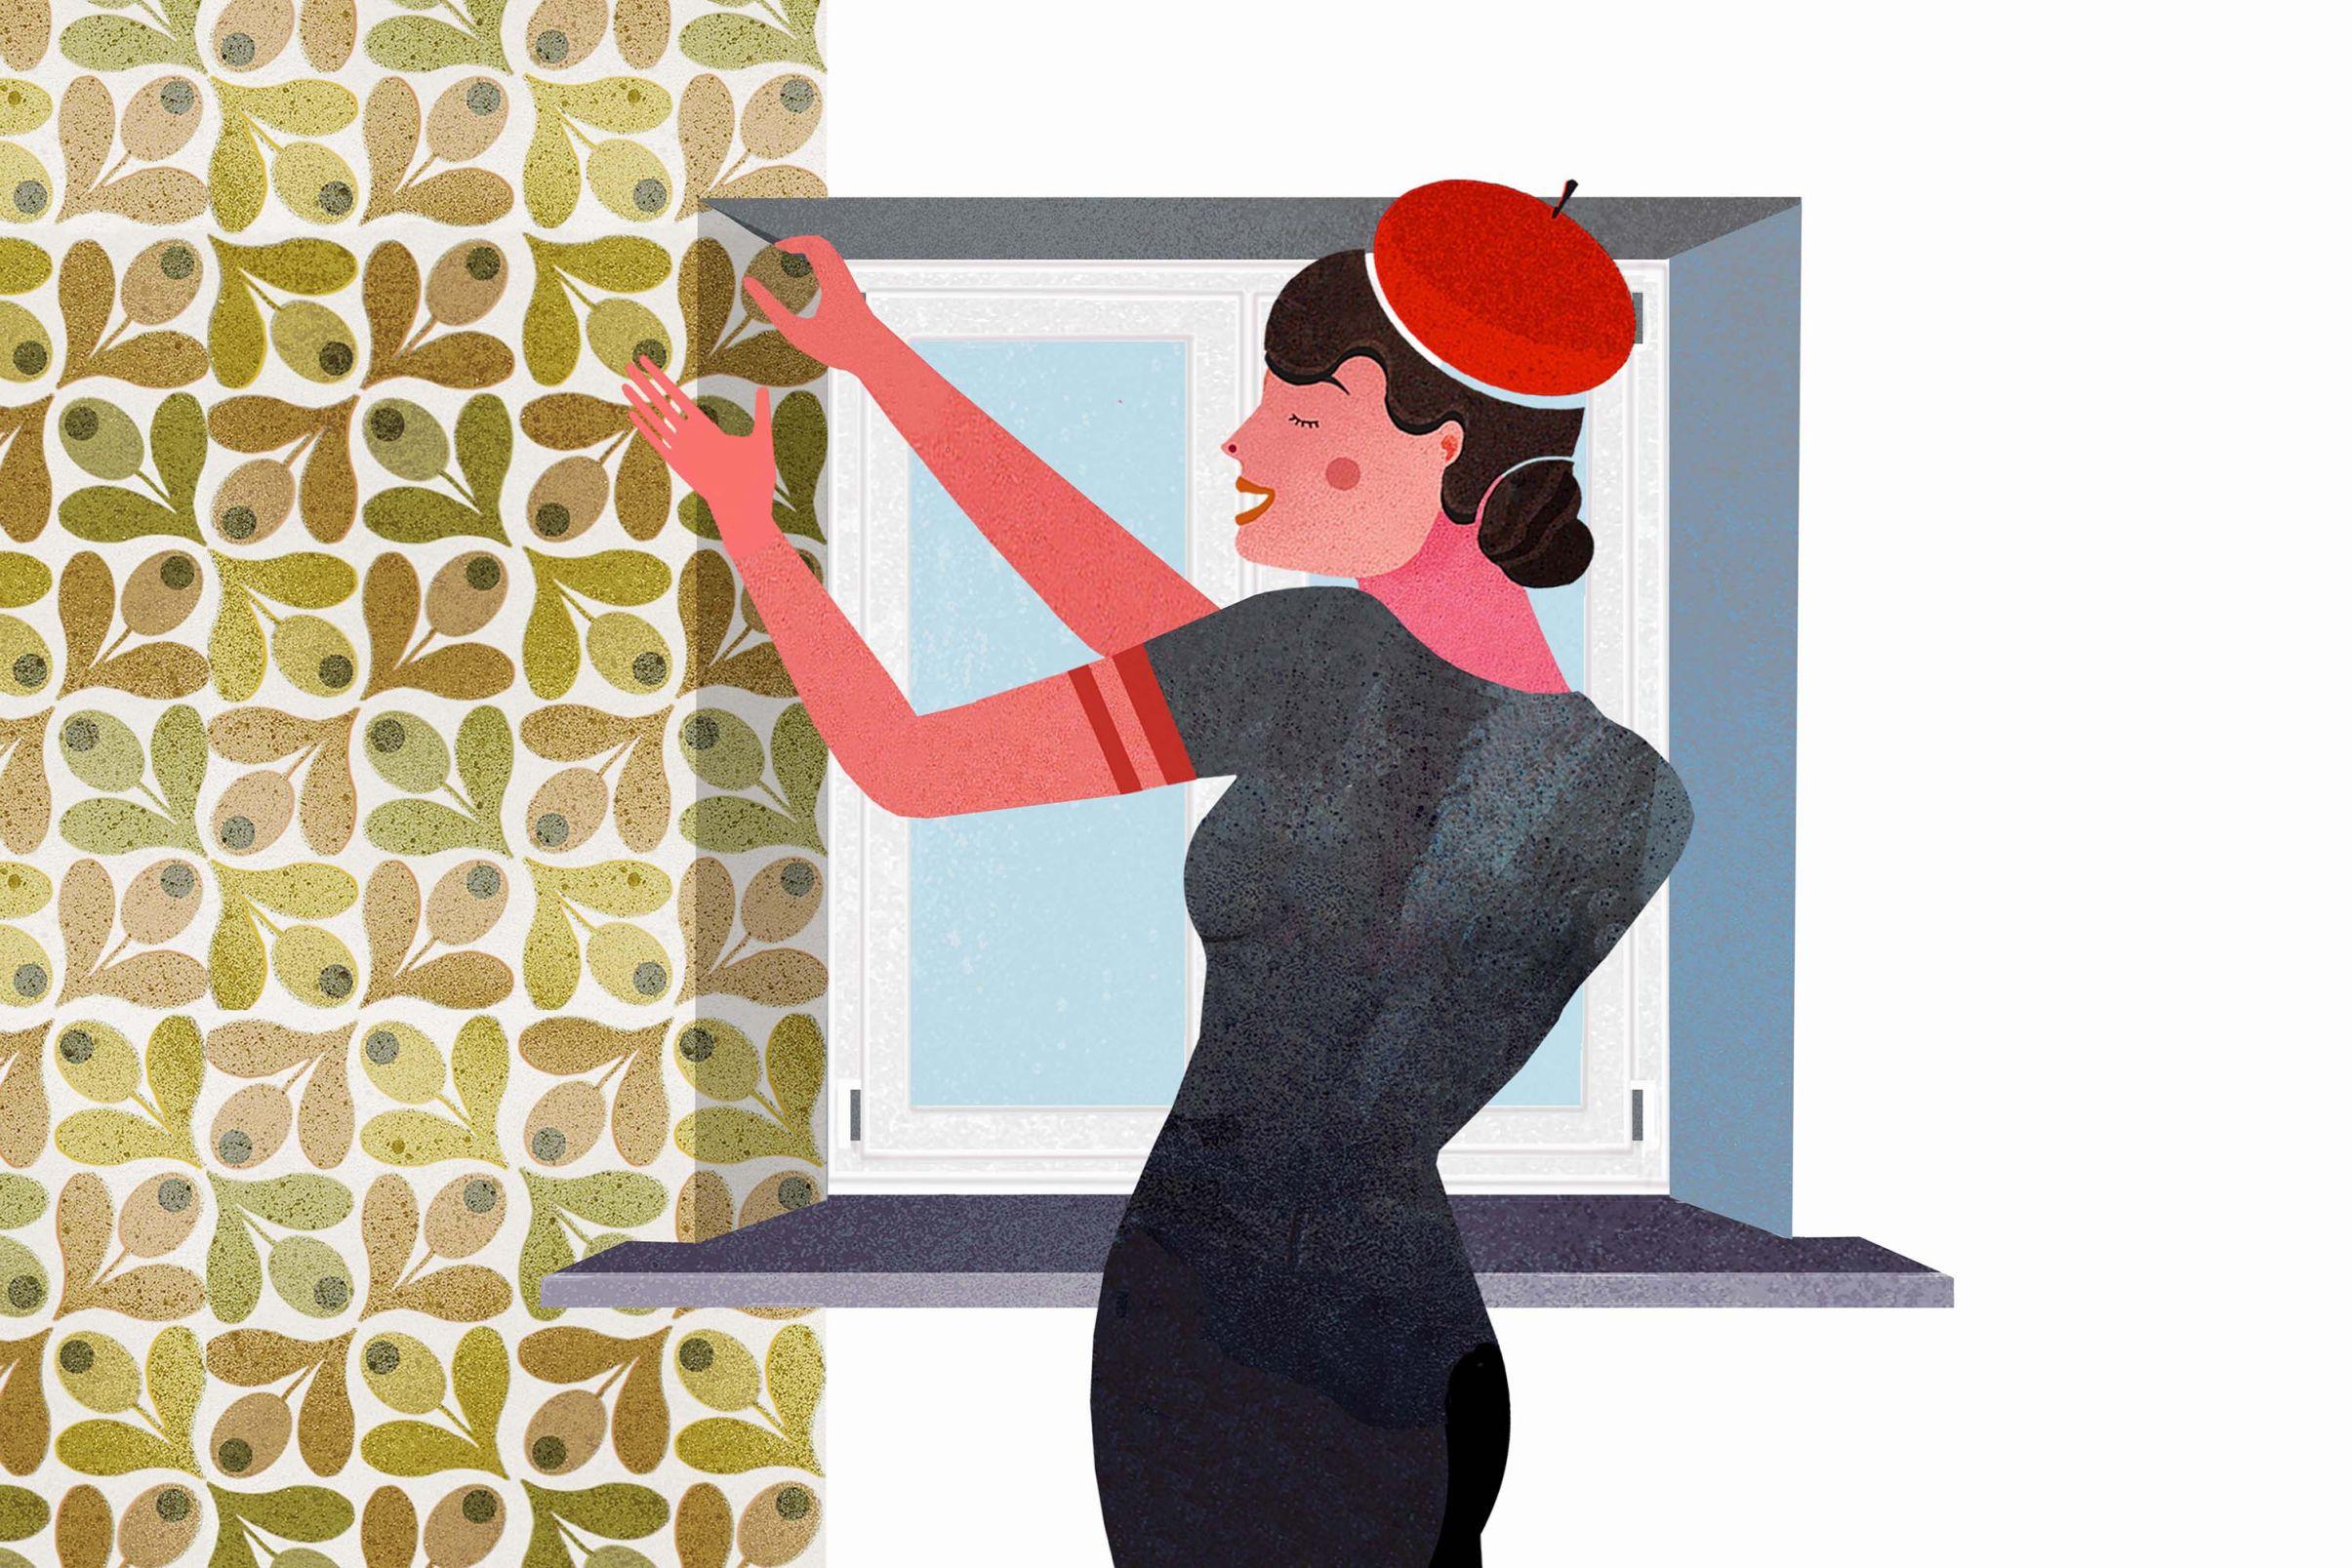 Comment-poser-du-papier-peint-autour-des-fenetres-et-des-portes-Appliquer-du-papier-peint-avec-un-excedent-autour-des-fenetres